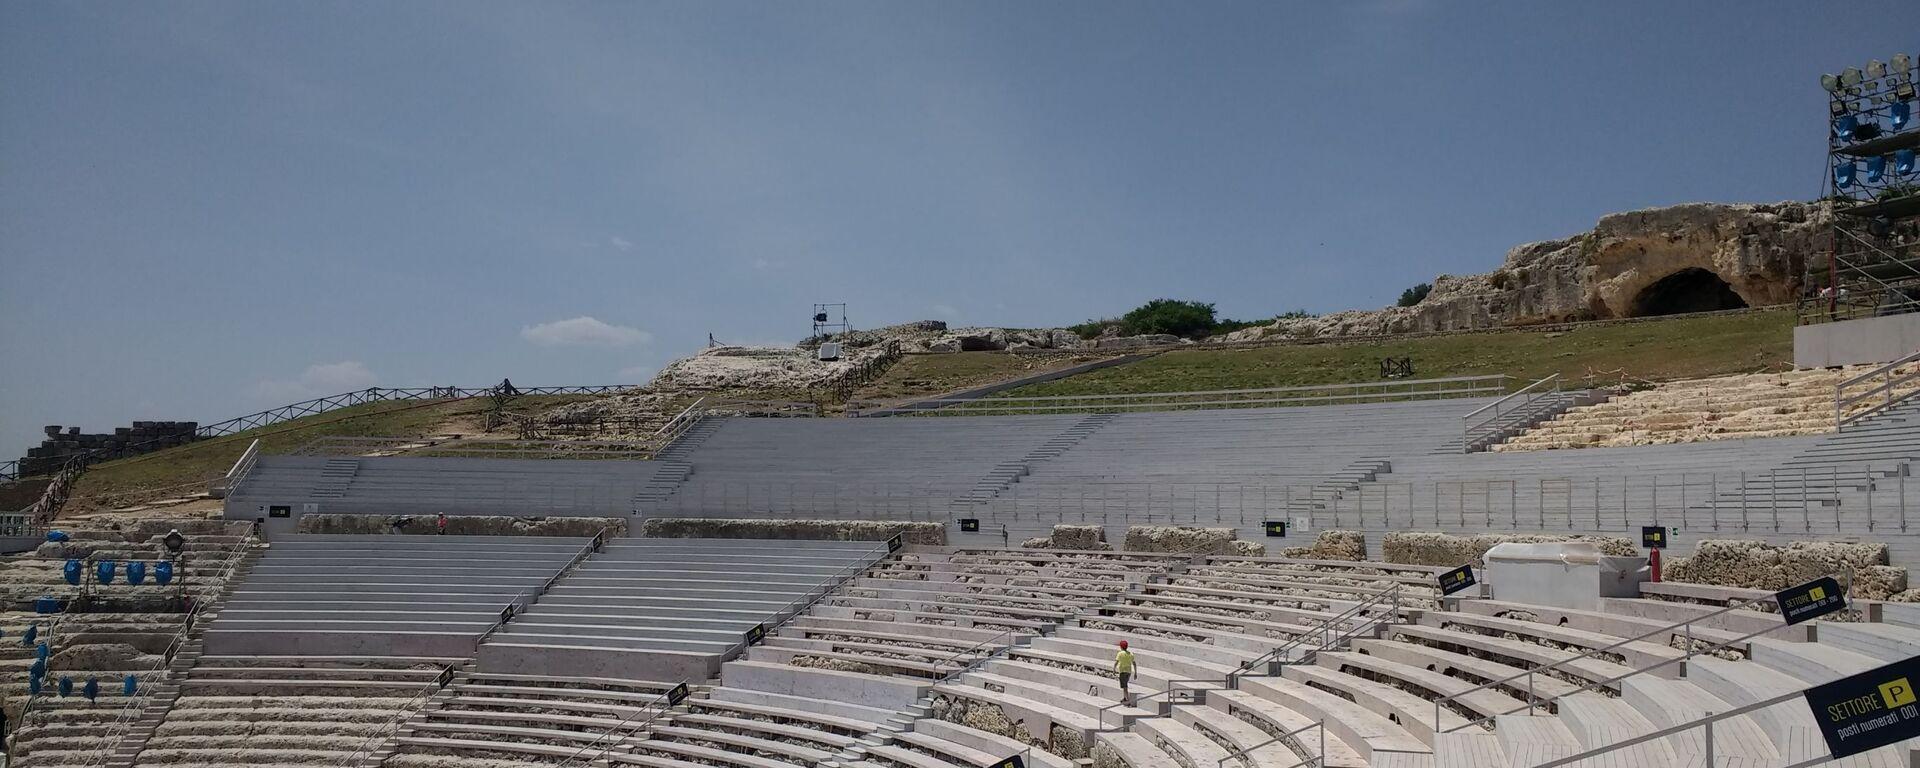 Il Teatro Greco in Sicilia  - Sputnik Italia, 1920, 07.08.2021